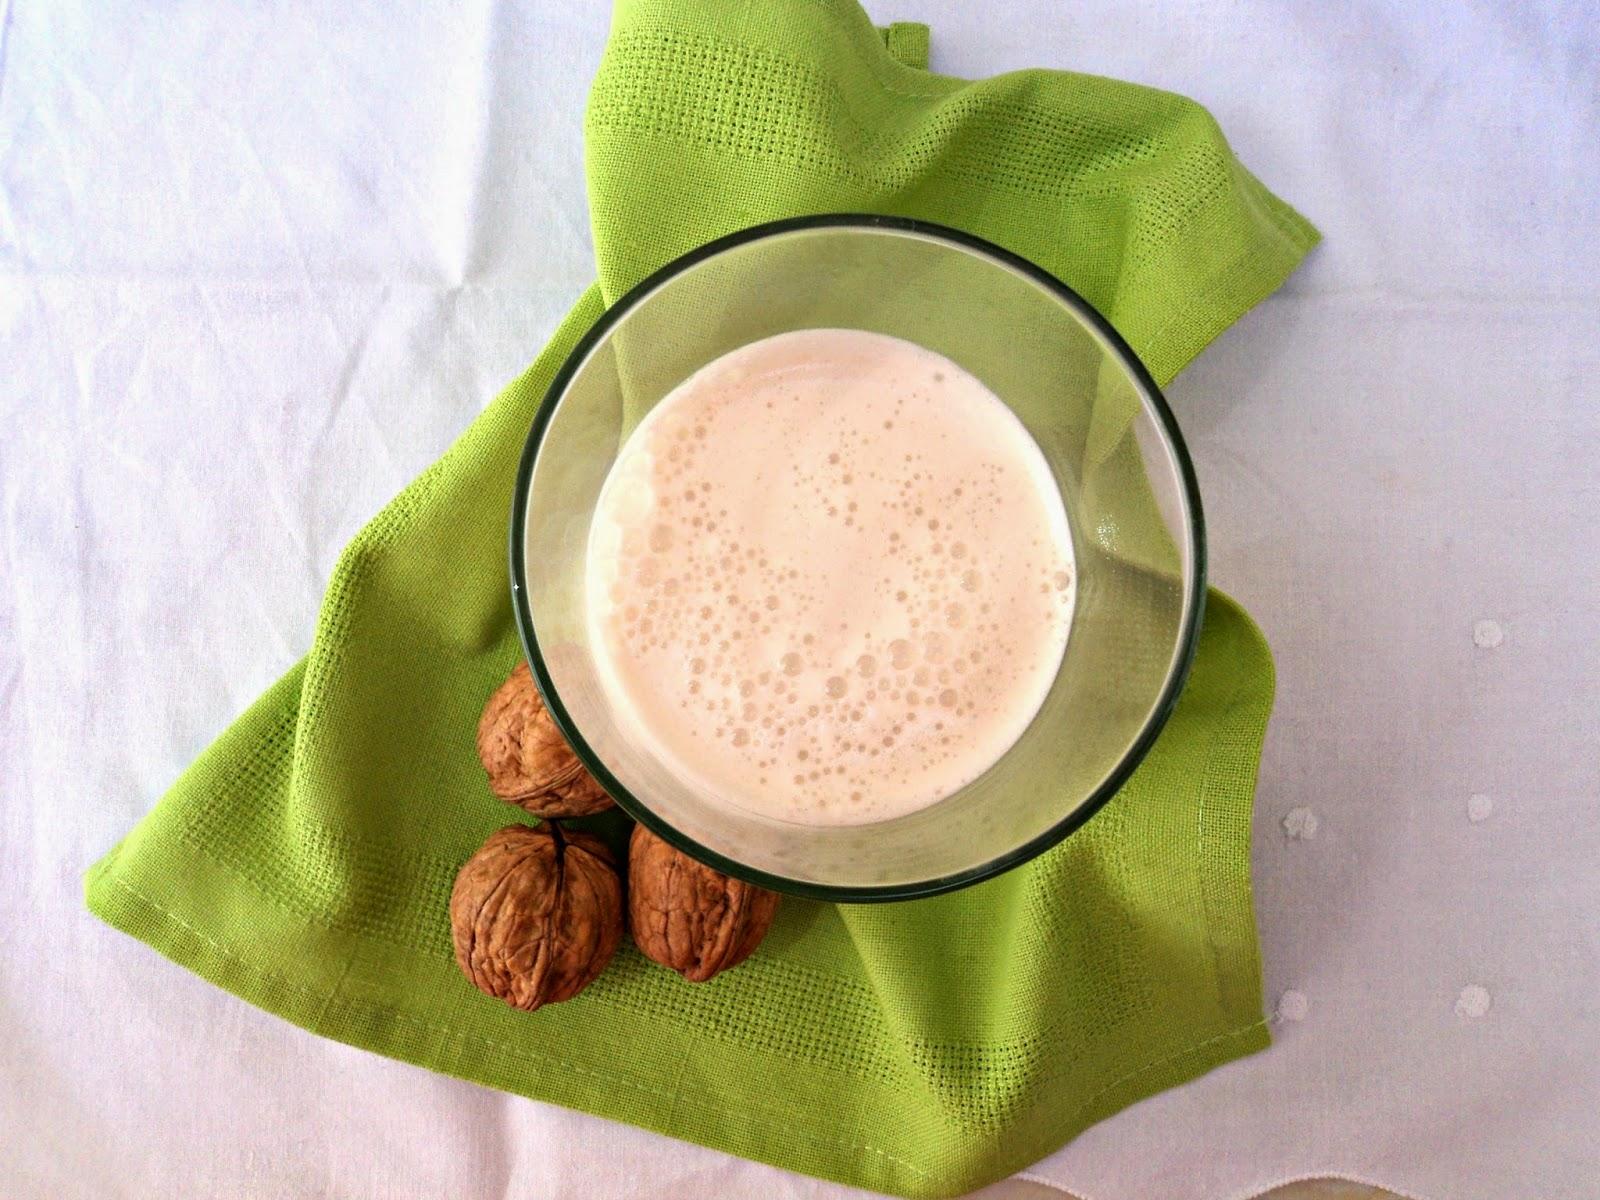 leche nueces aroma especuloos para las recetas fáciles de maría hidratación